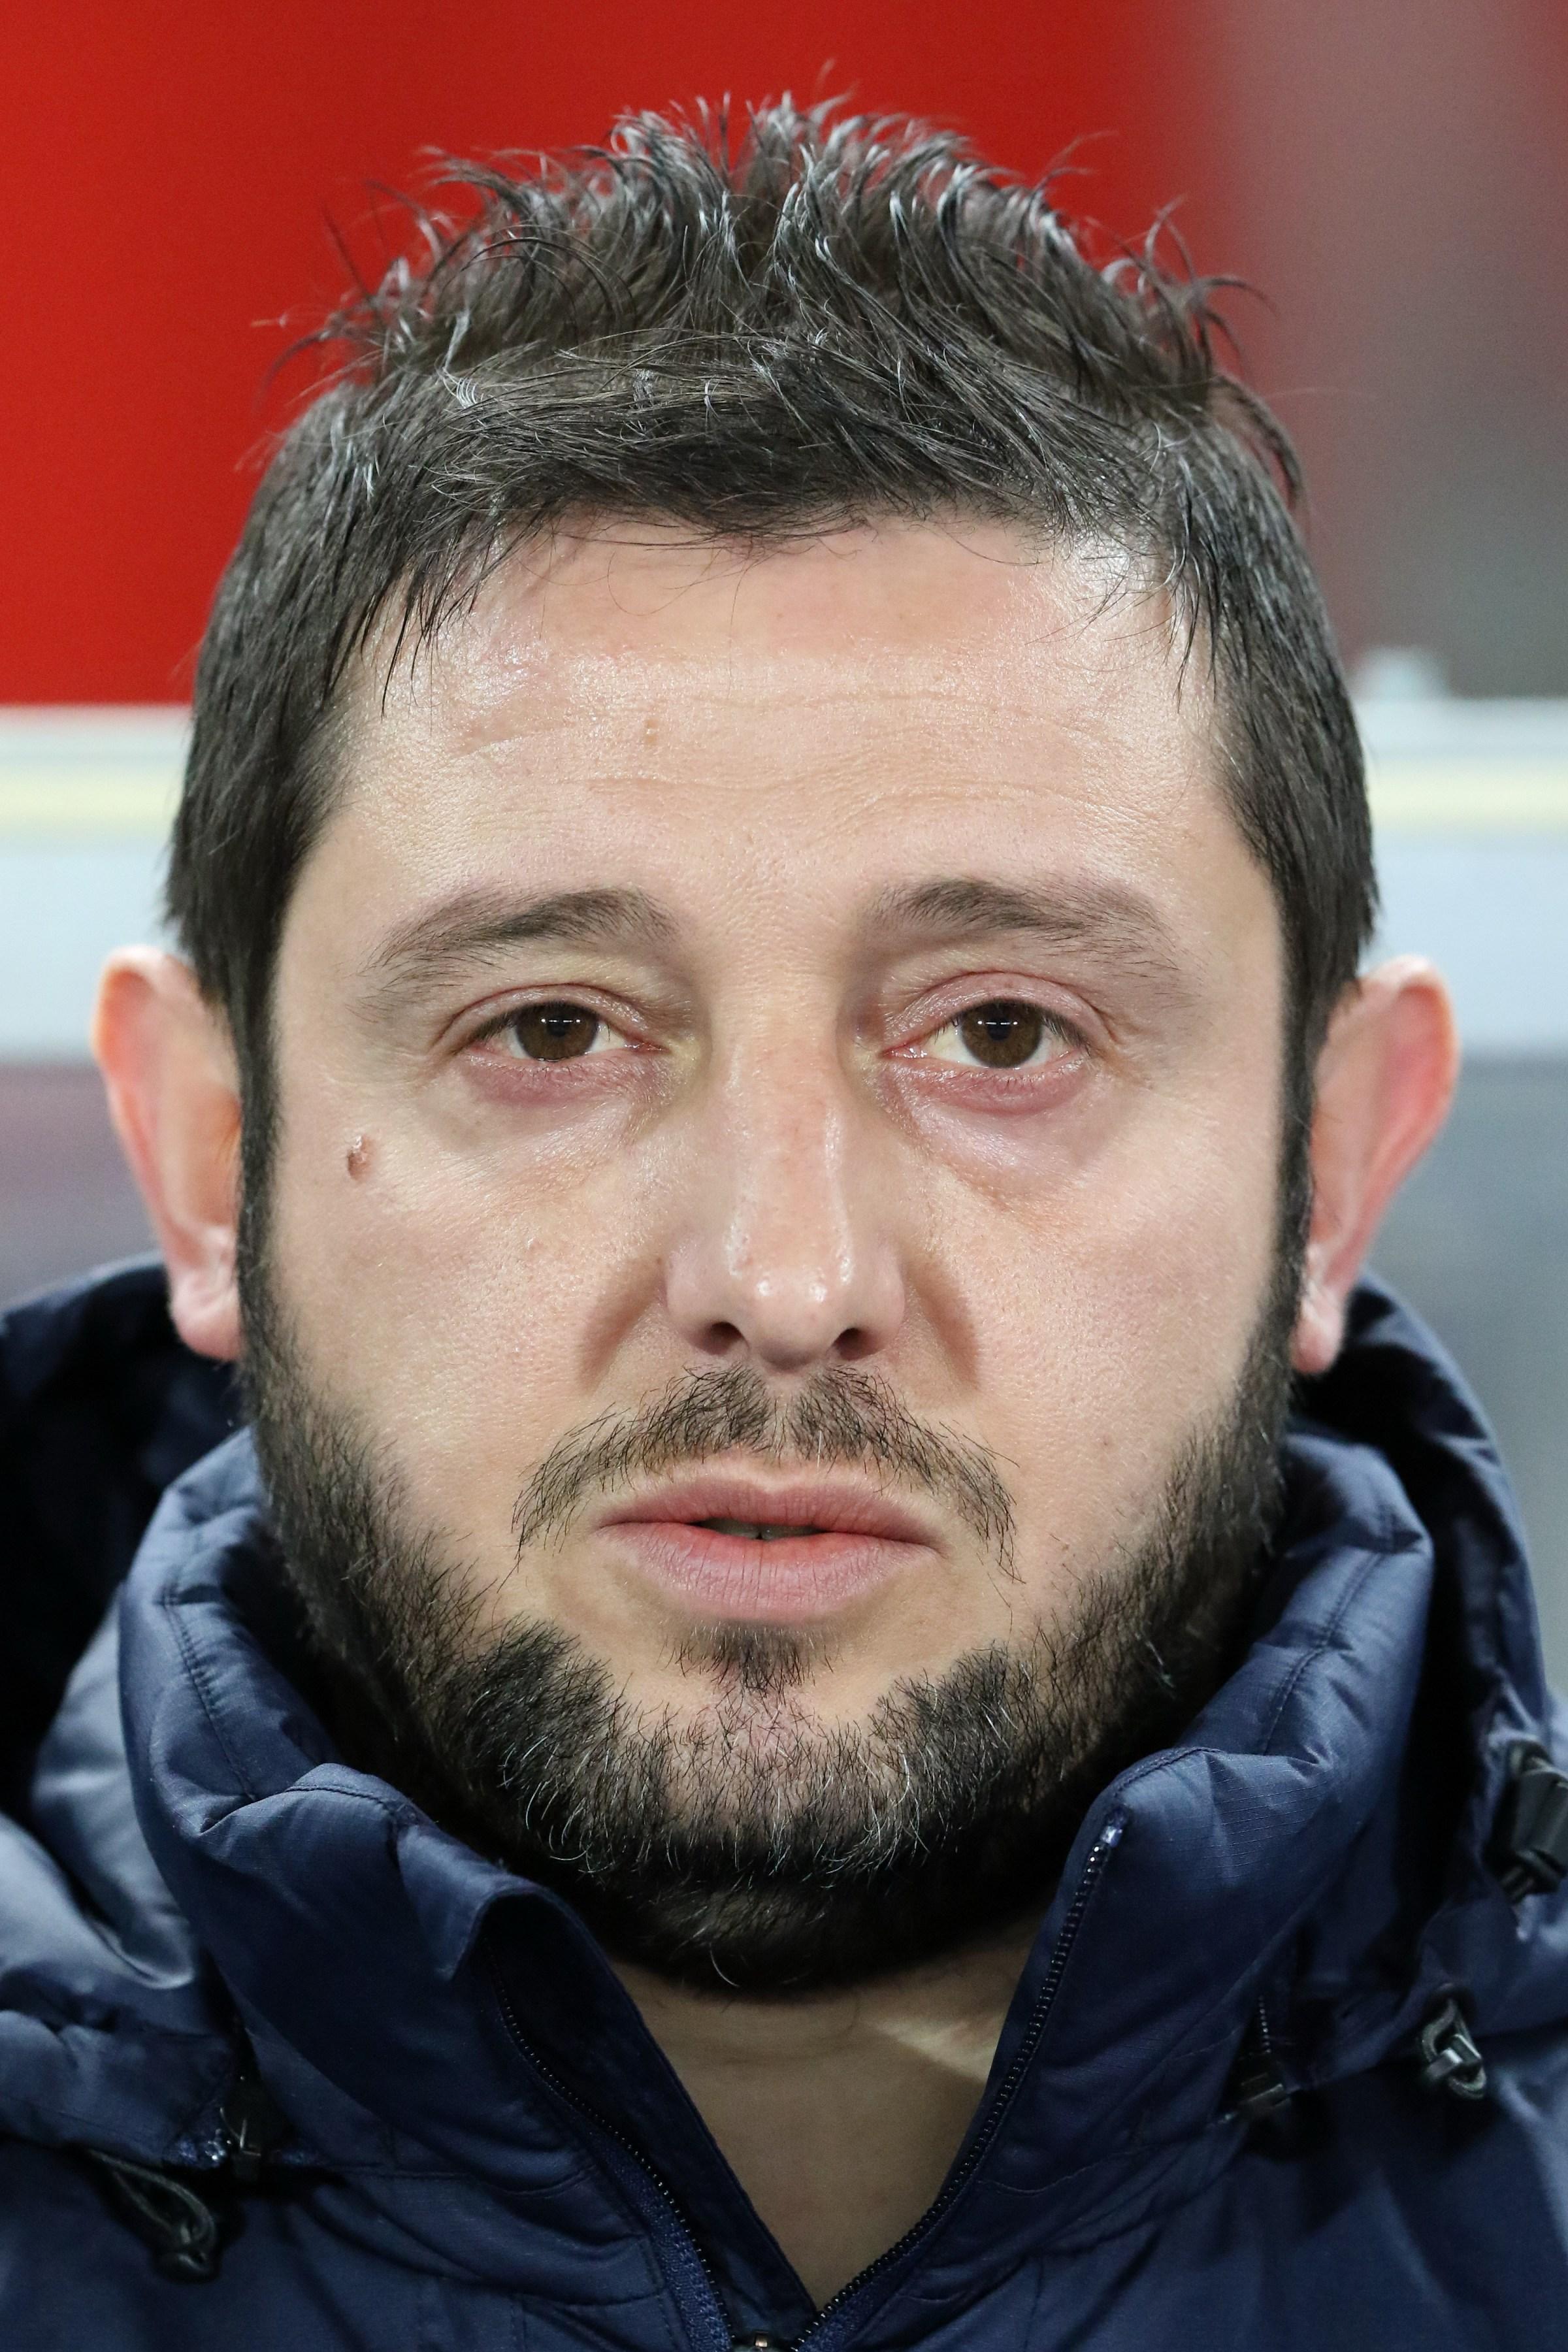 El hilo de los popuheads futboleros II - Página 2 AUT_vs._TUR_2016-03-29_%28186%29